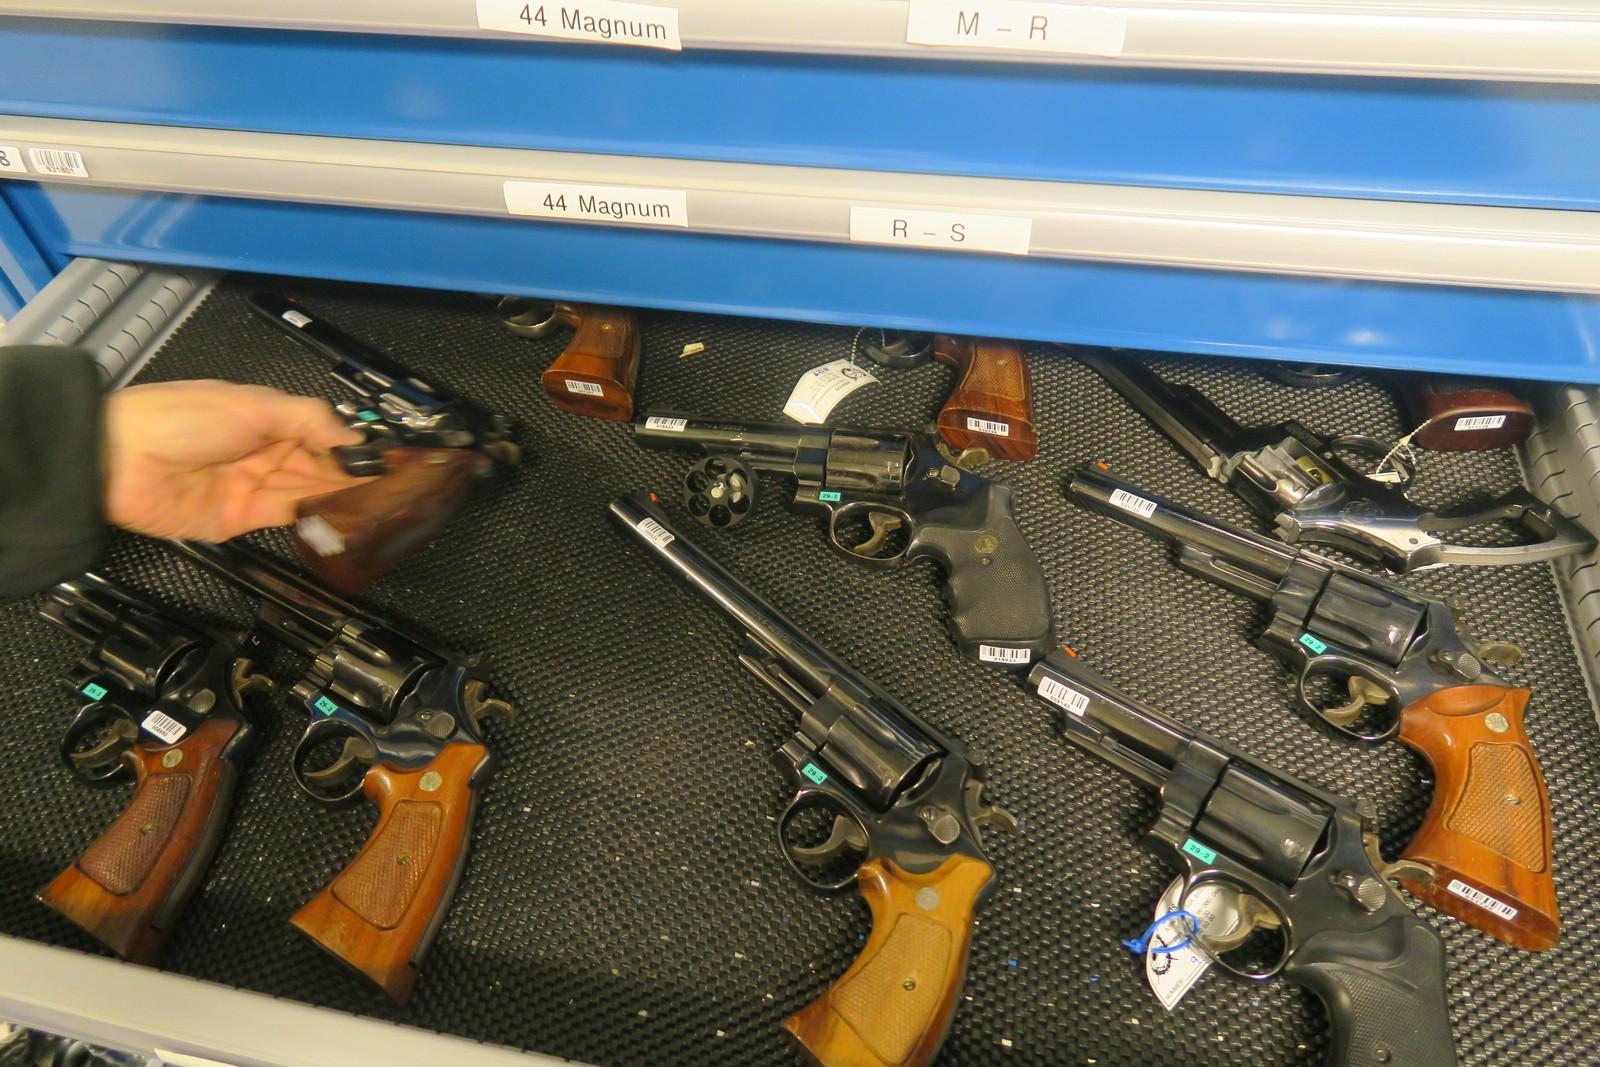 Revolvere: ulike typer som bruker .44 Magnum-ammunisjon.